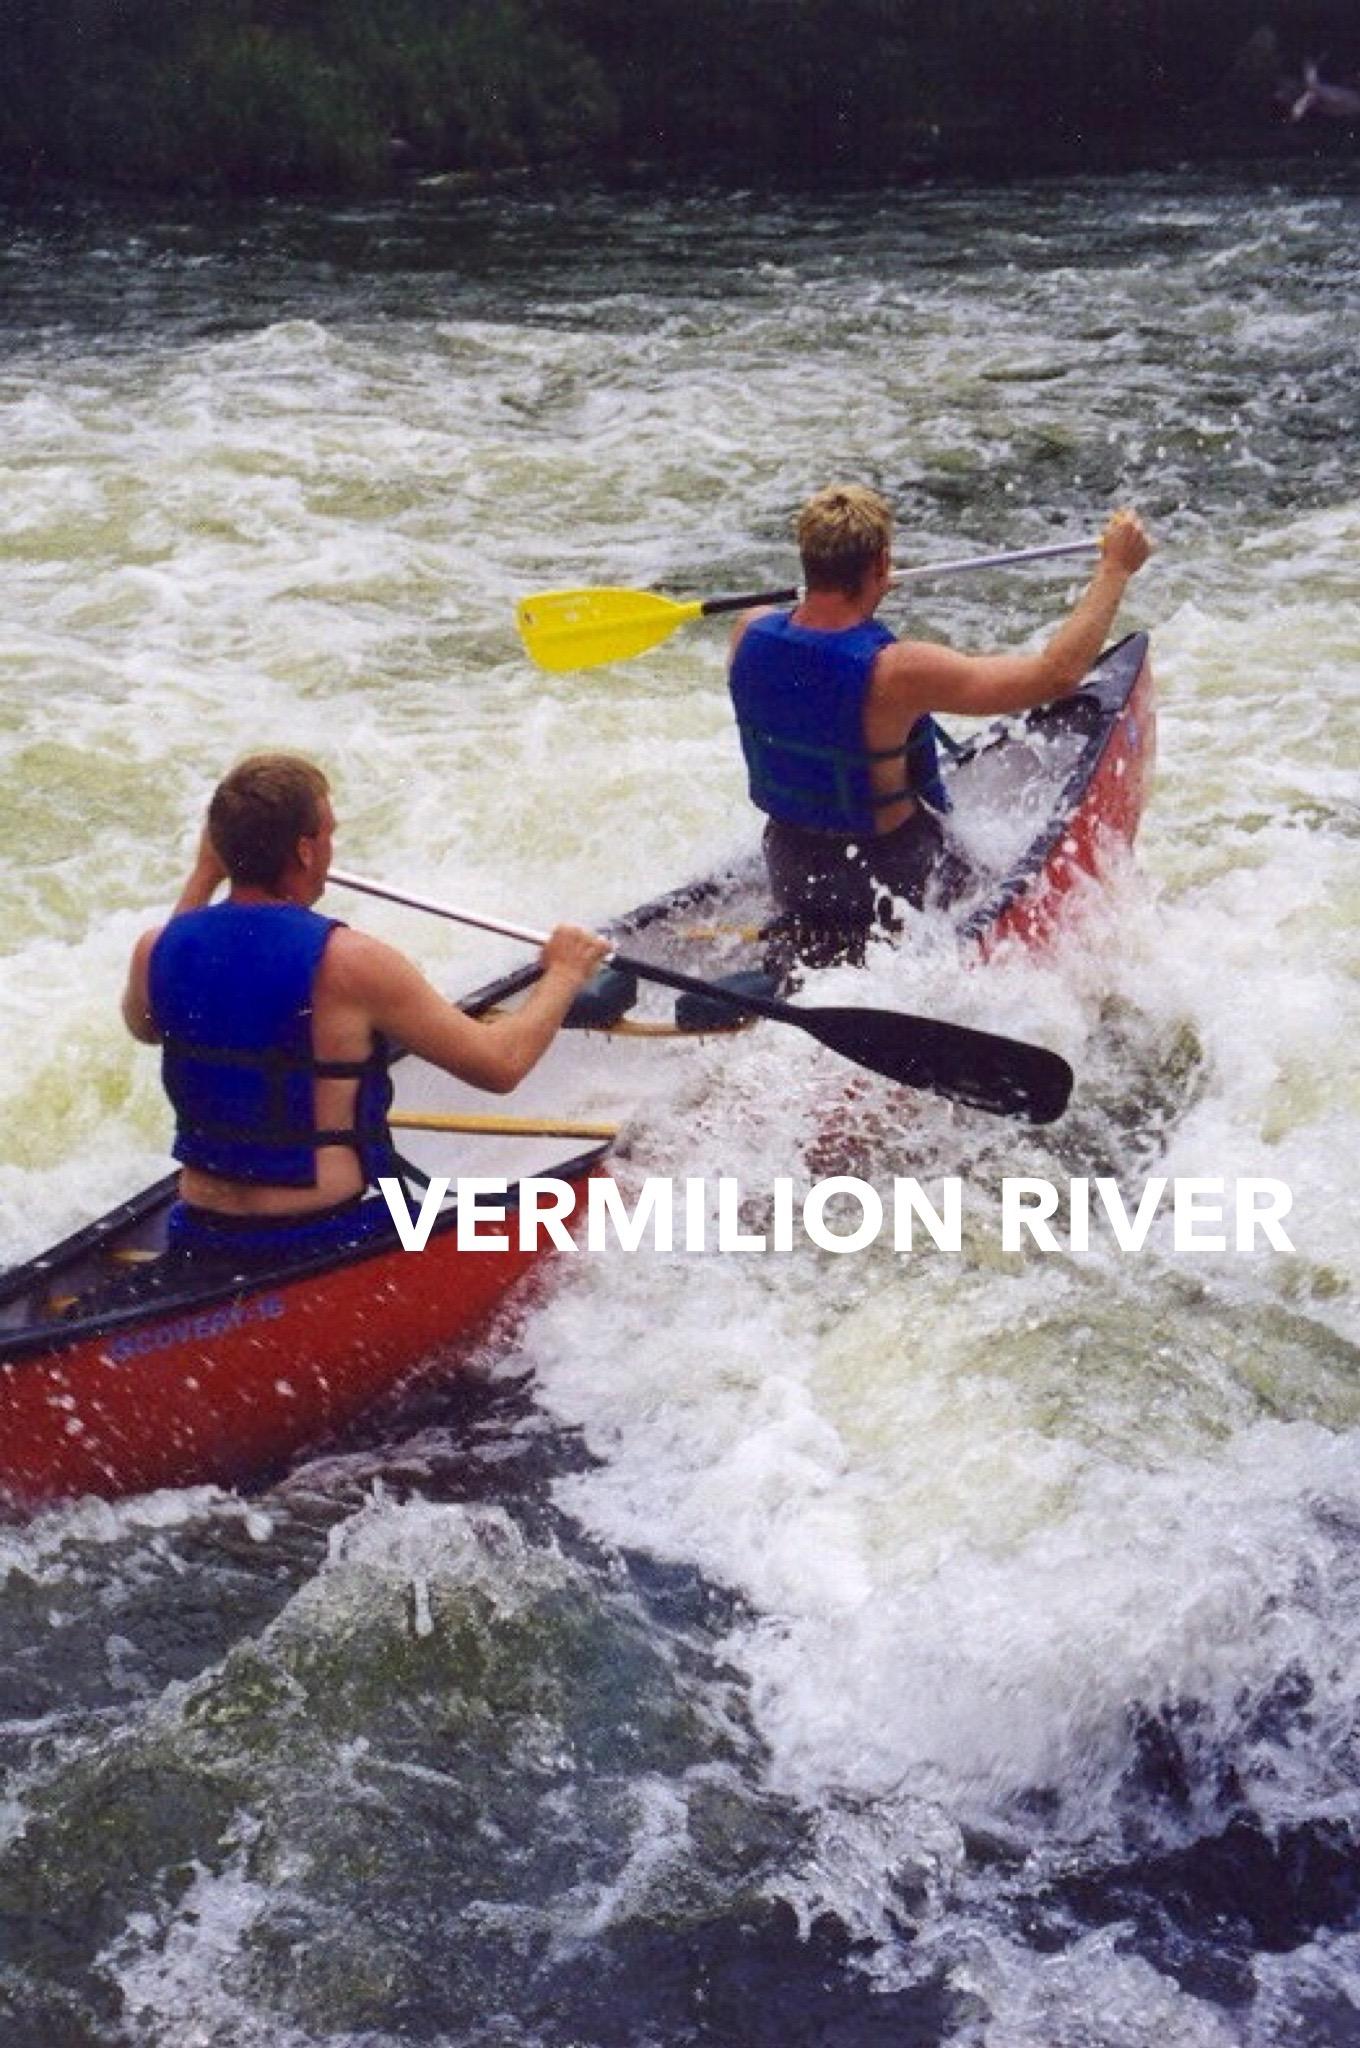 canoe the vermilion river